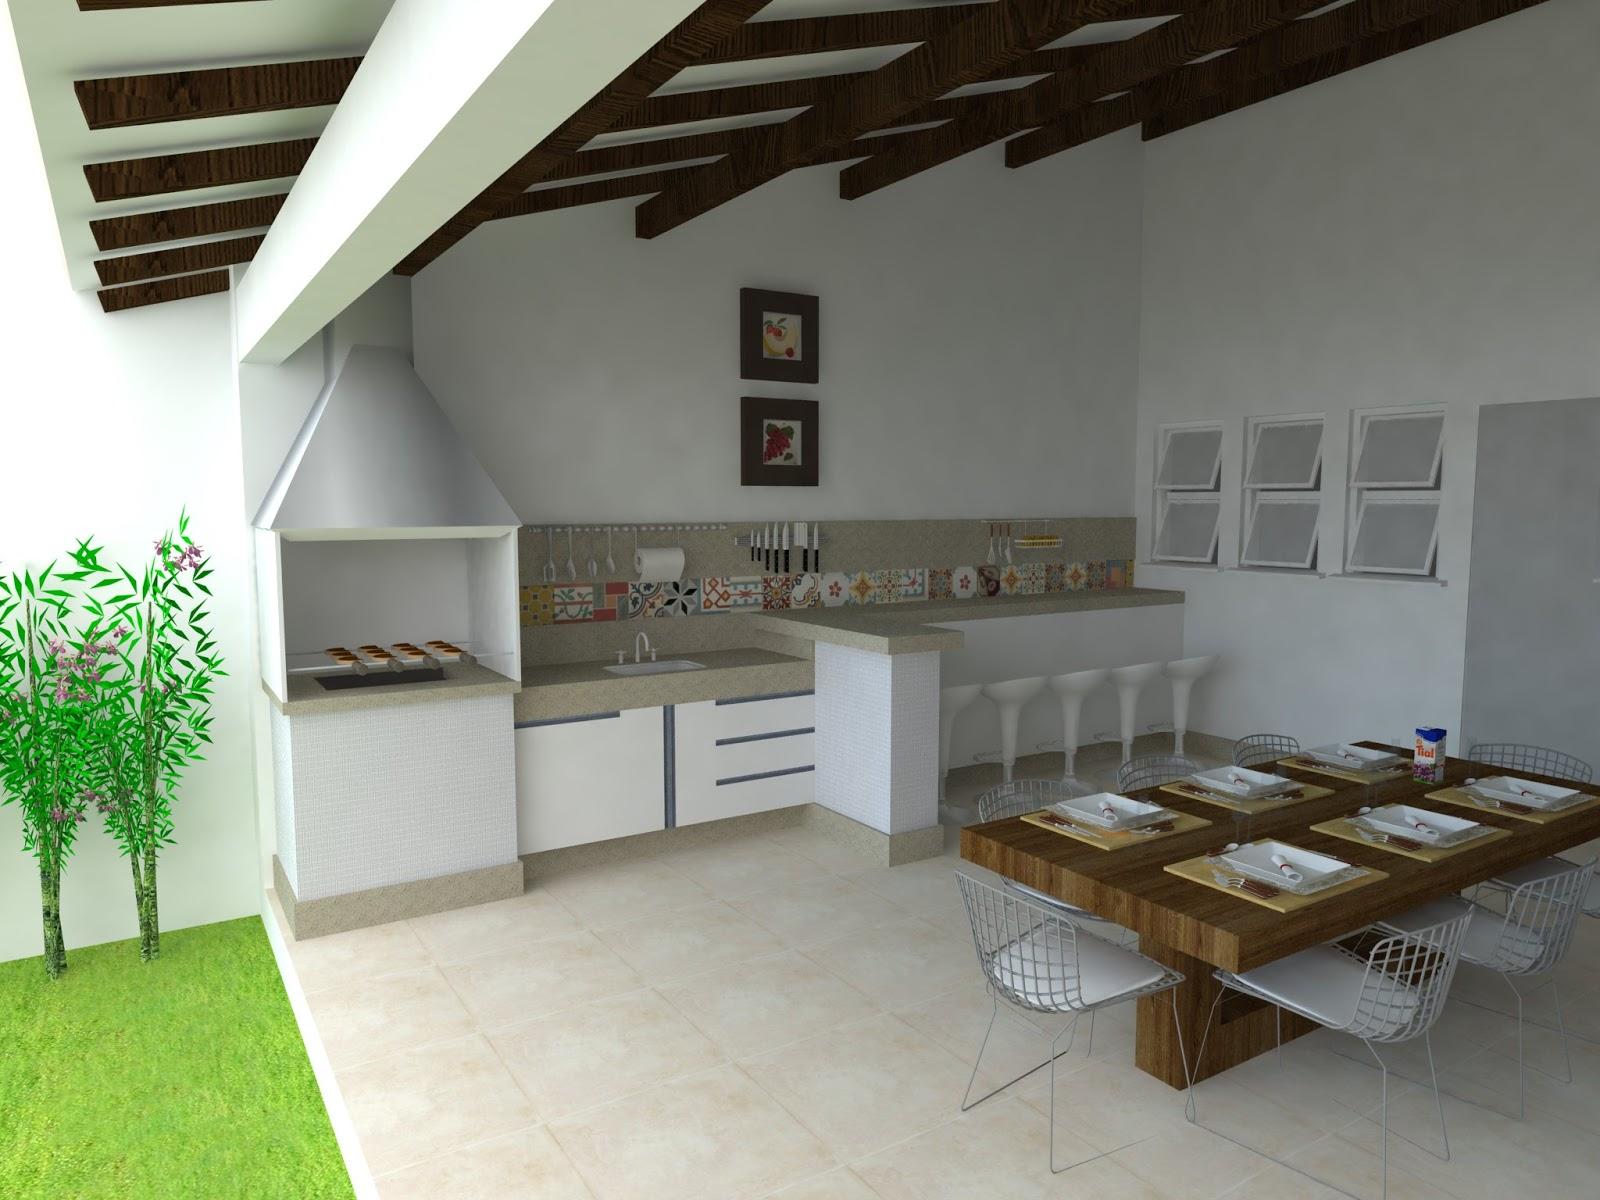 Decoração da área de lazer com churrasqueira Decorando Casas #719A31 1600 1200